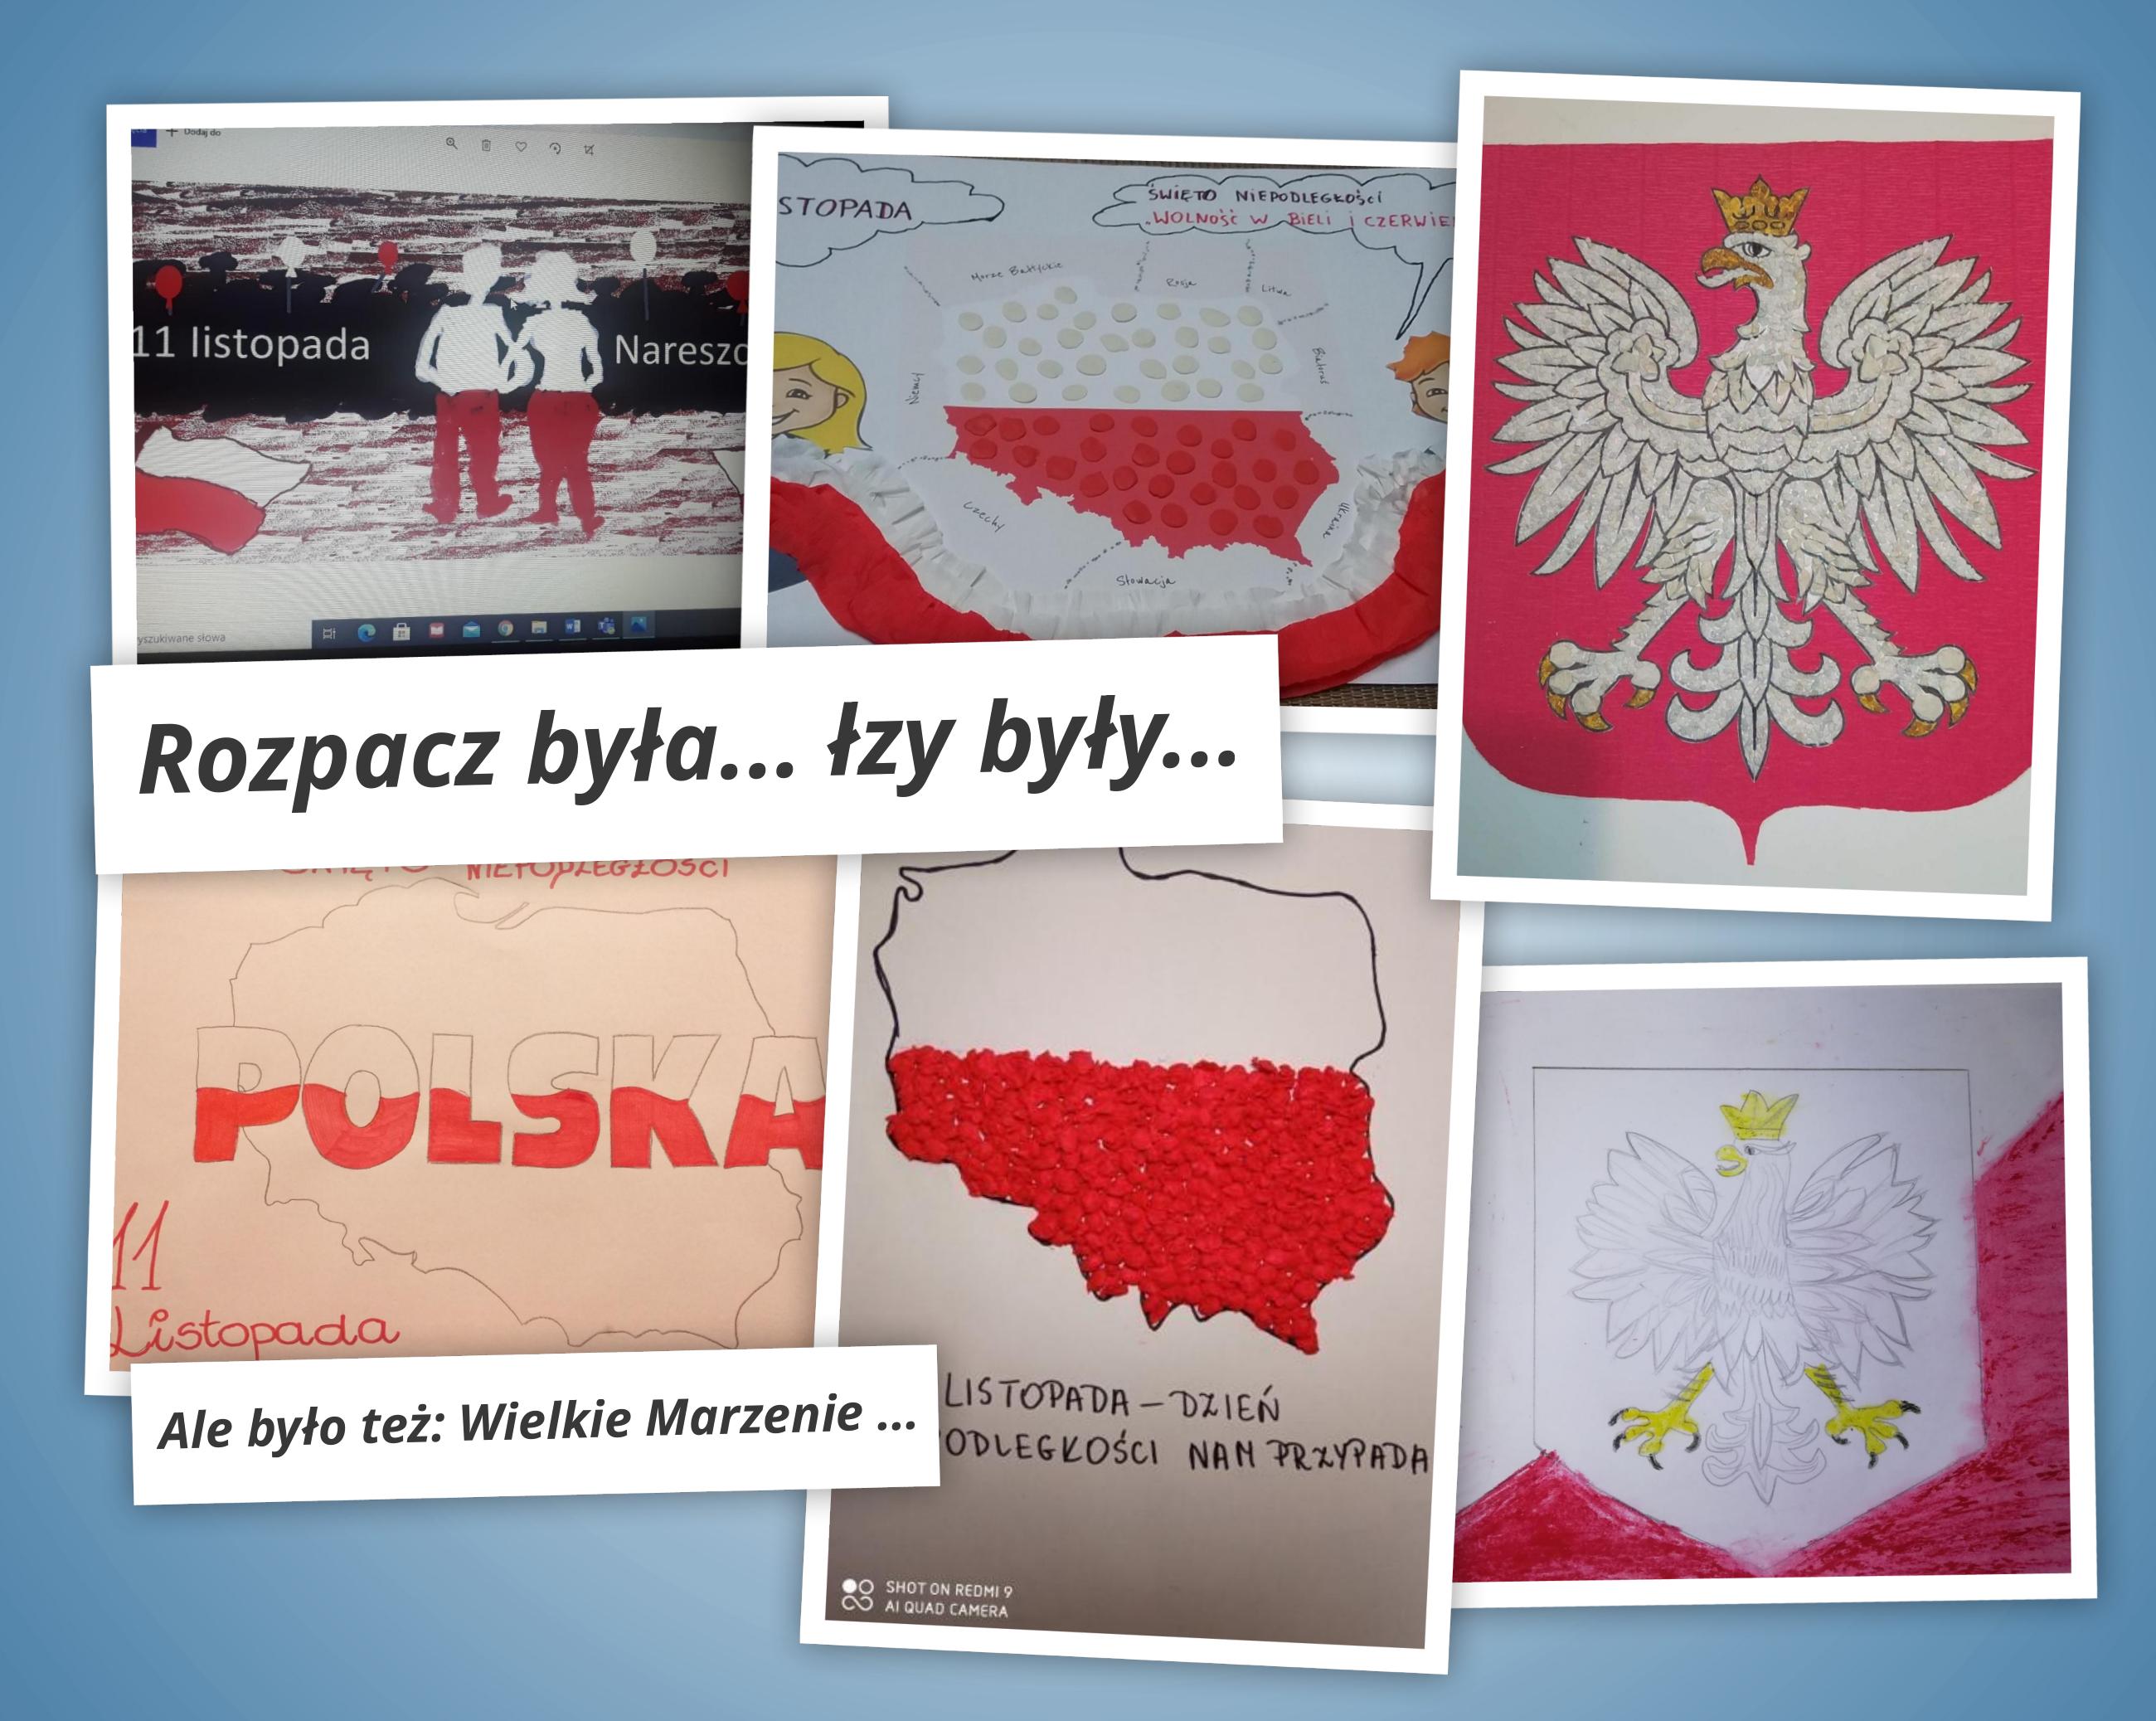 5. Polska.jpg (2.50 MB)